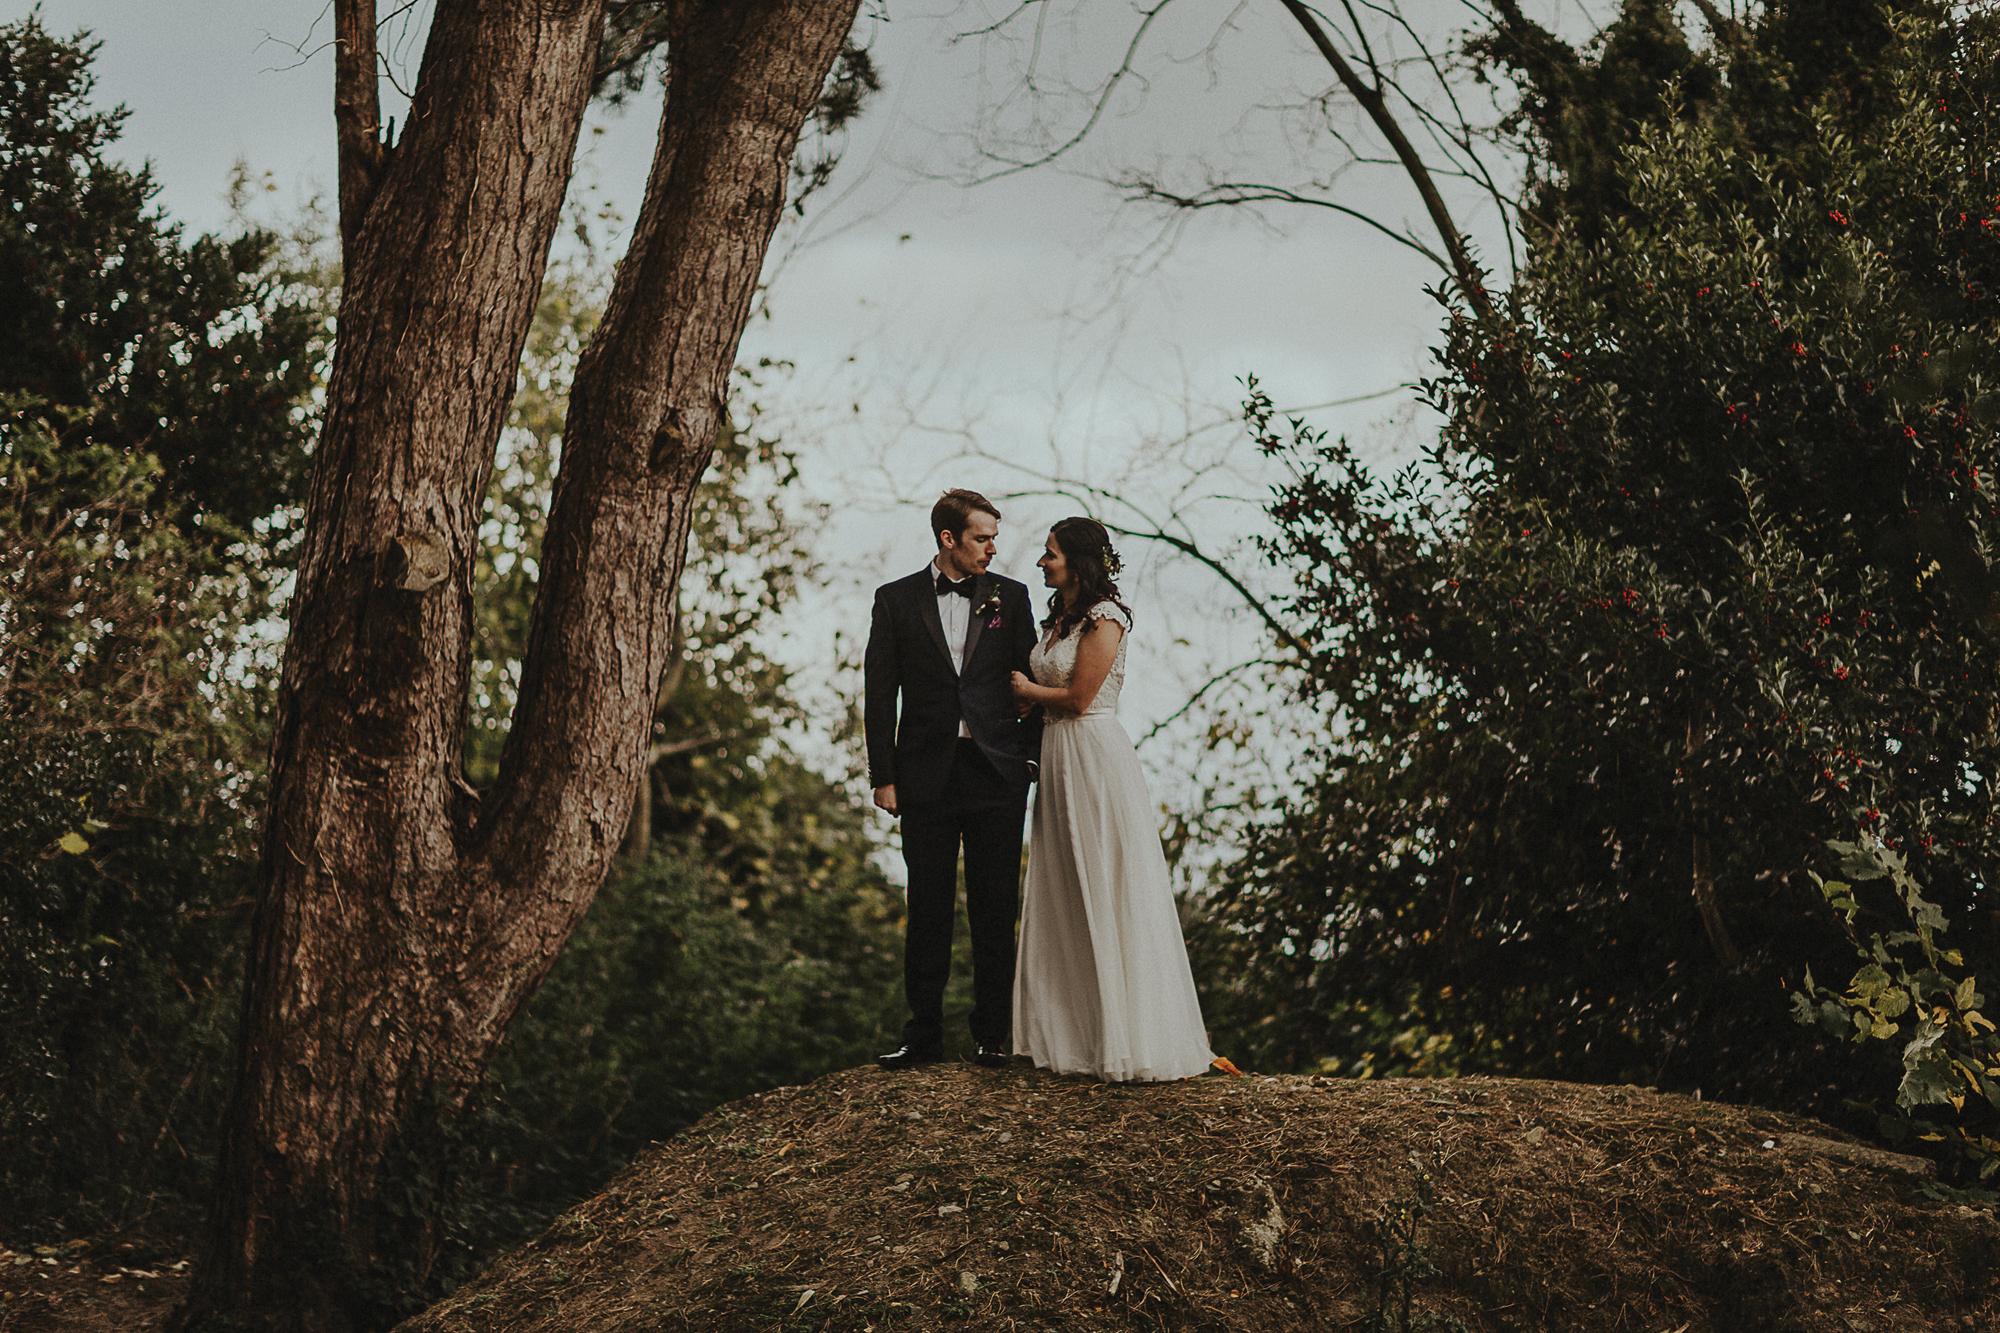 irish_wedding_photograpers_1.jpg